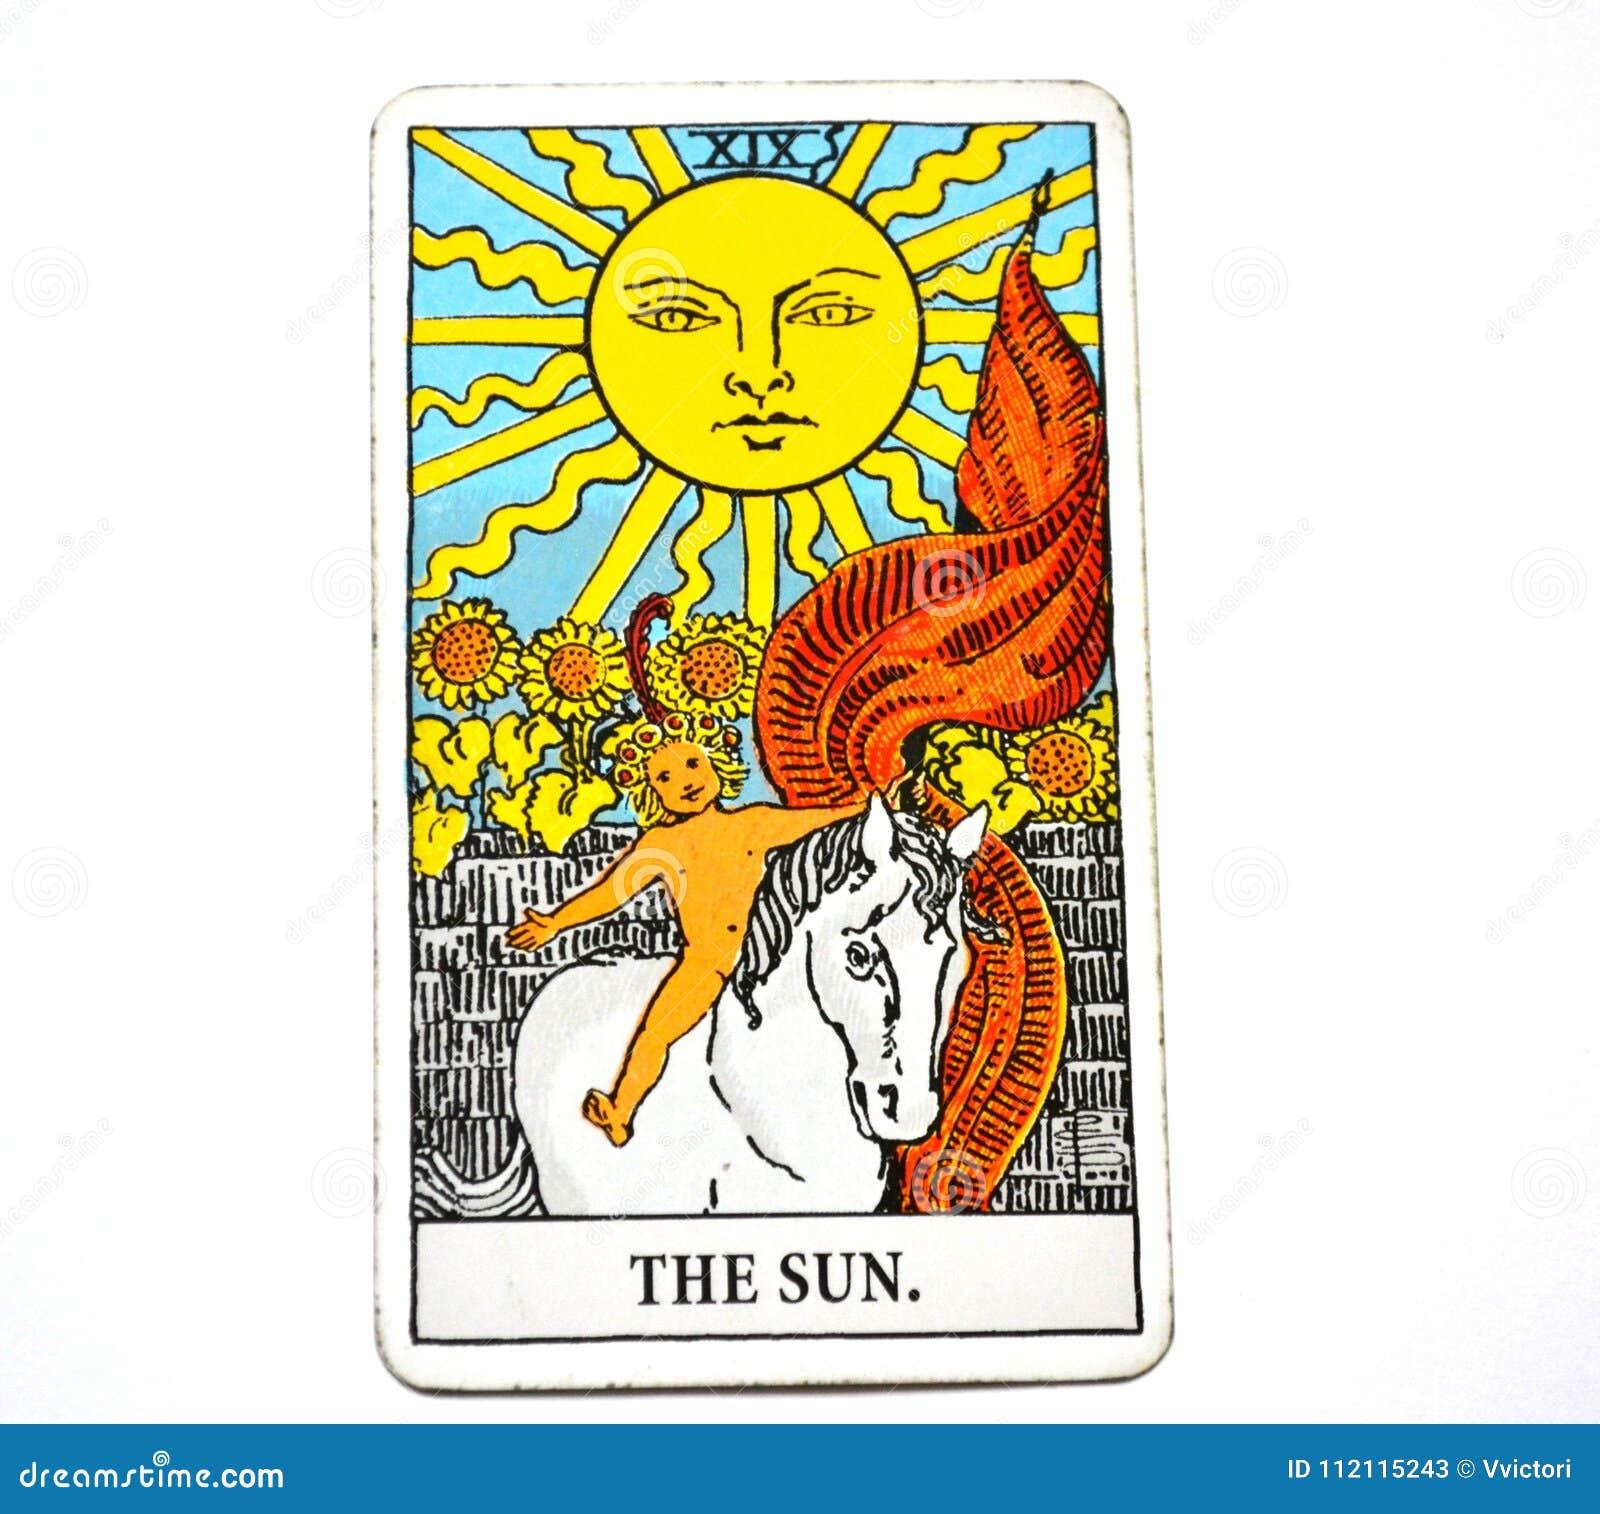 Felicidad de la manifestación del calor de la aclaración de la alegría de la vitalidad de la energía de la vida de la carta de ta